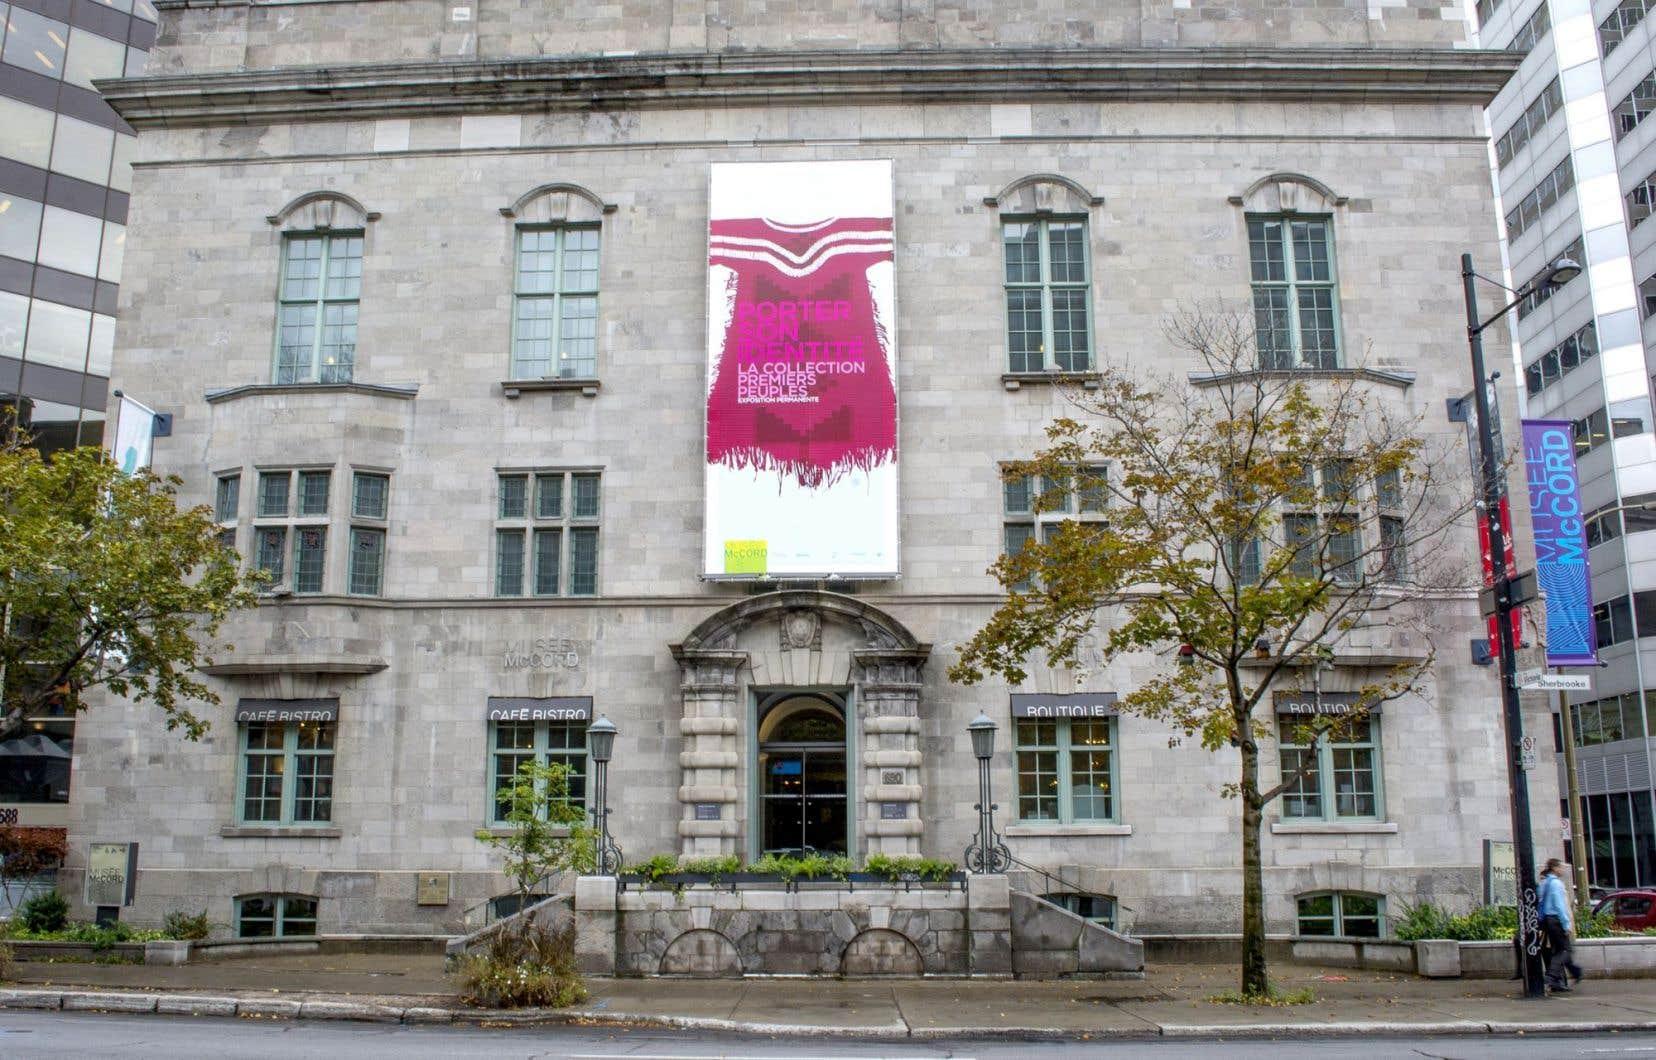 Le Musée McCord, fondé en 1921 par David Ross McCord, est installé dans un immeuble de la rue Sherbrooke qui appartient à l'Université McGill.